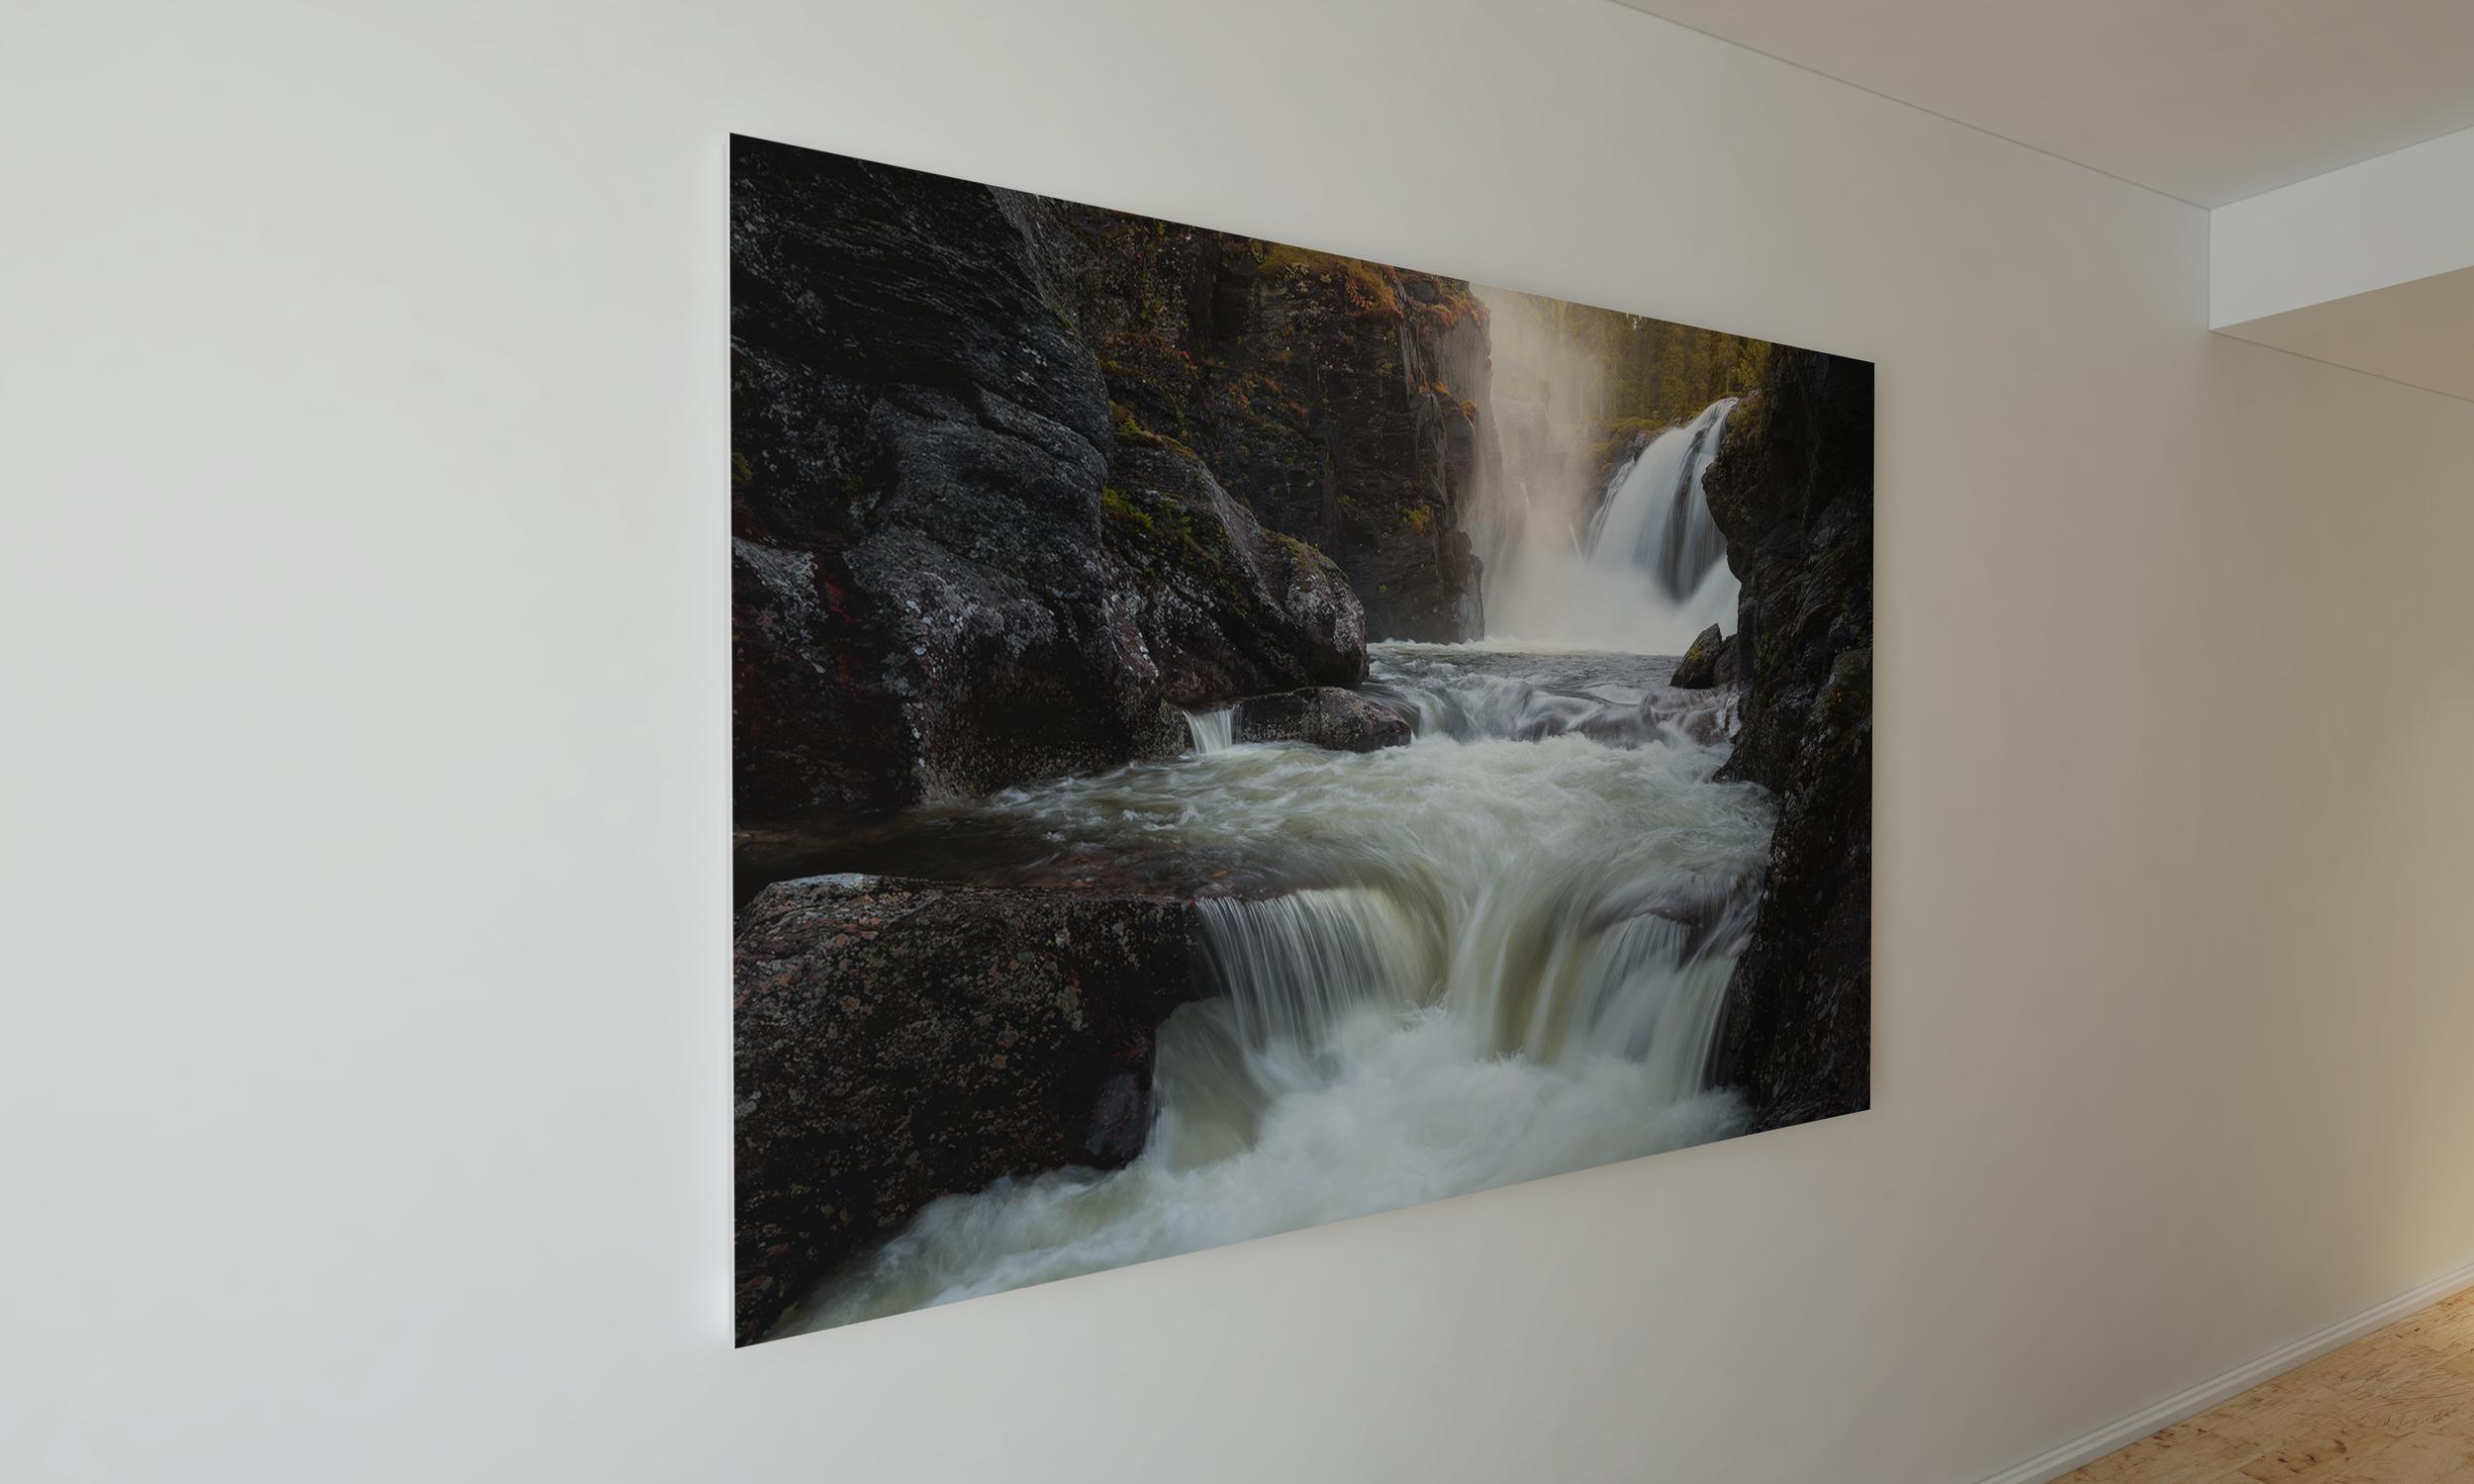 Vakker foss i Hemsedal. Dette er en av mange bilder du kan kjøpe!